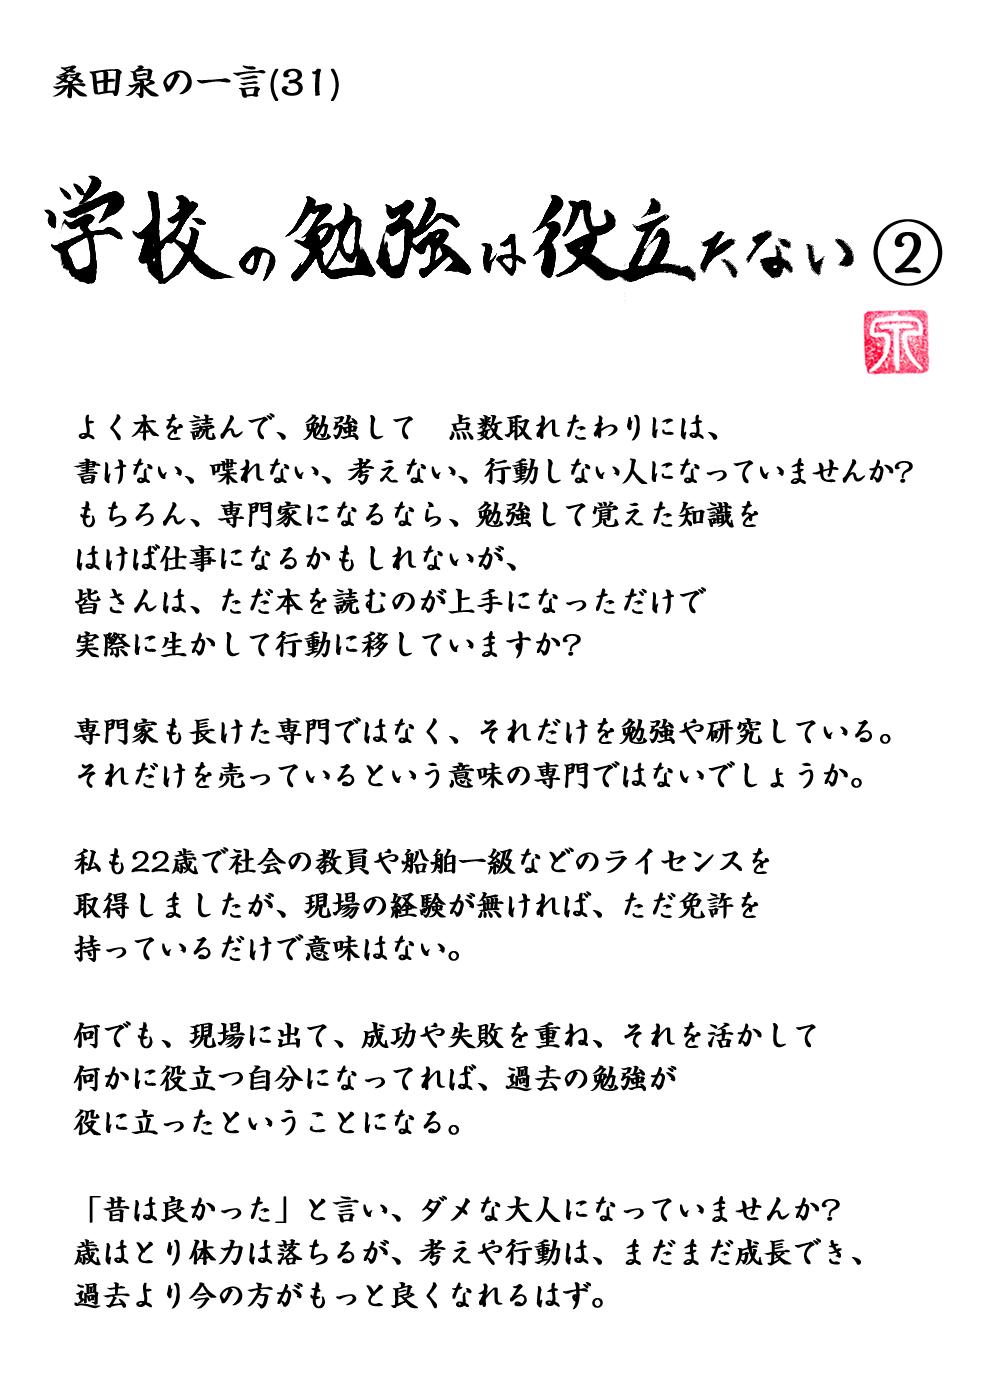 桑田の一言 「学校の勉強は役に立たない(2)」